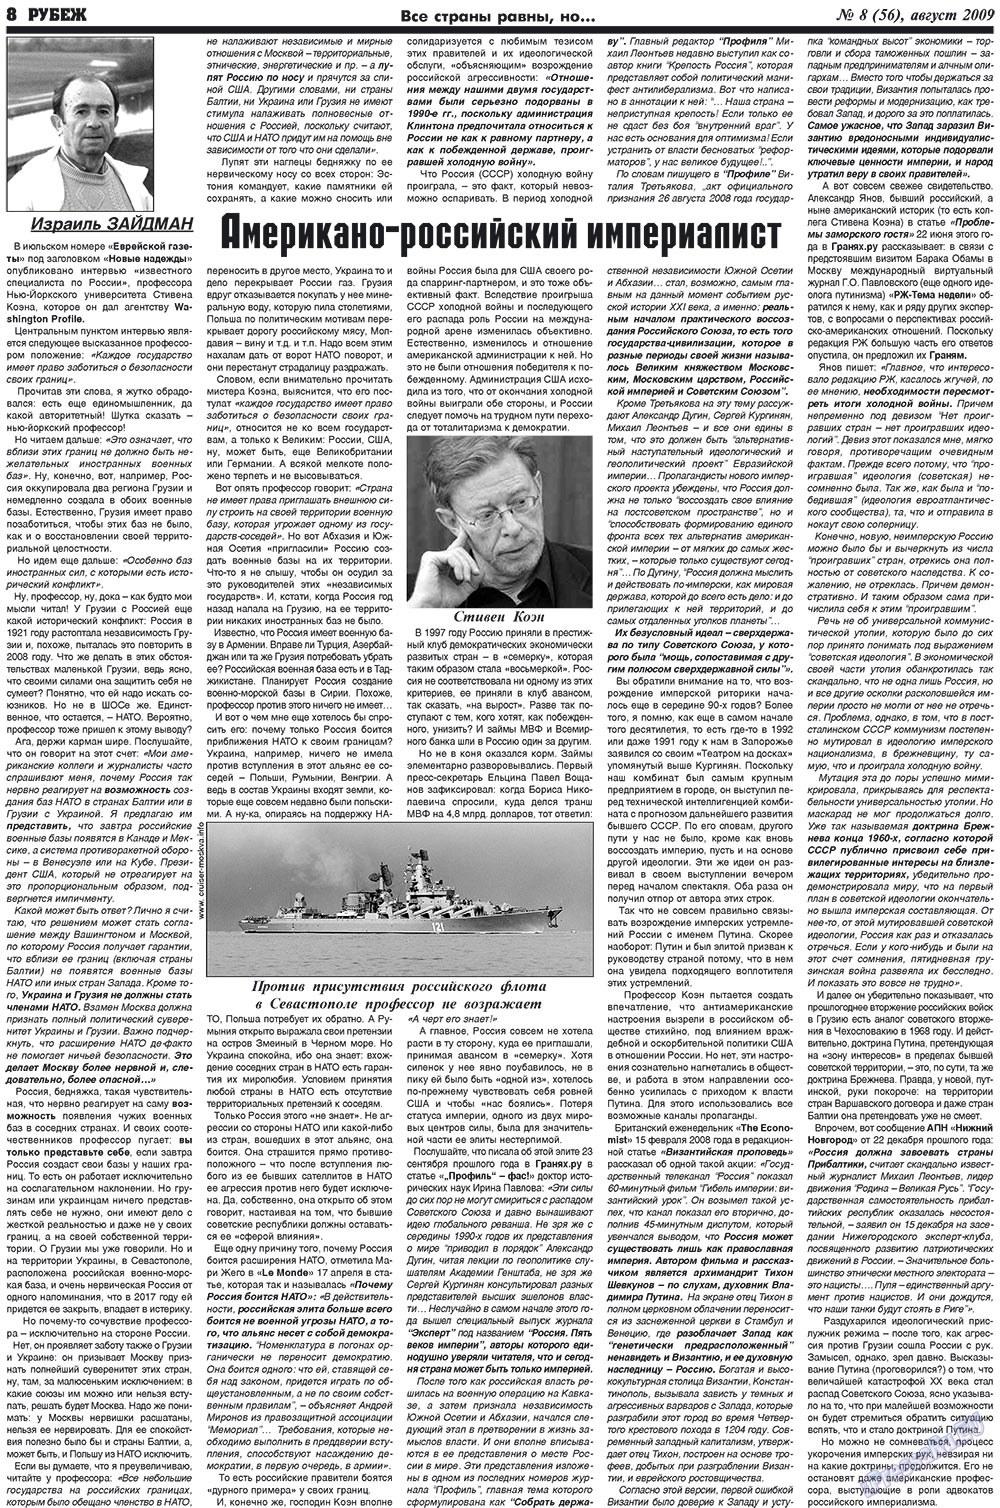 Рубеж (газета). 2009 год, номер 8, стр. 8